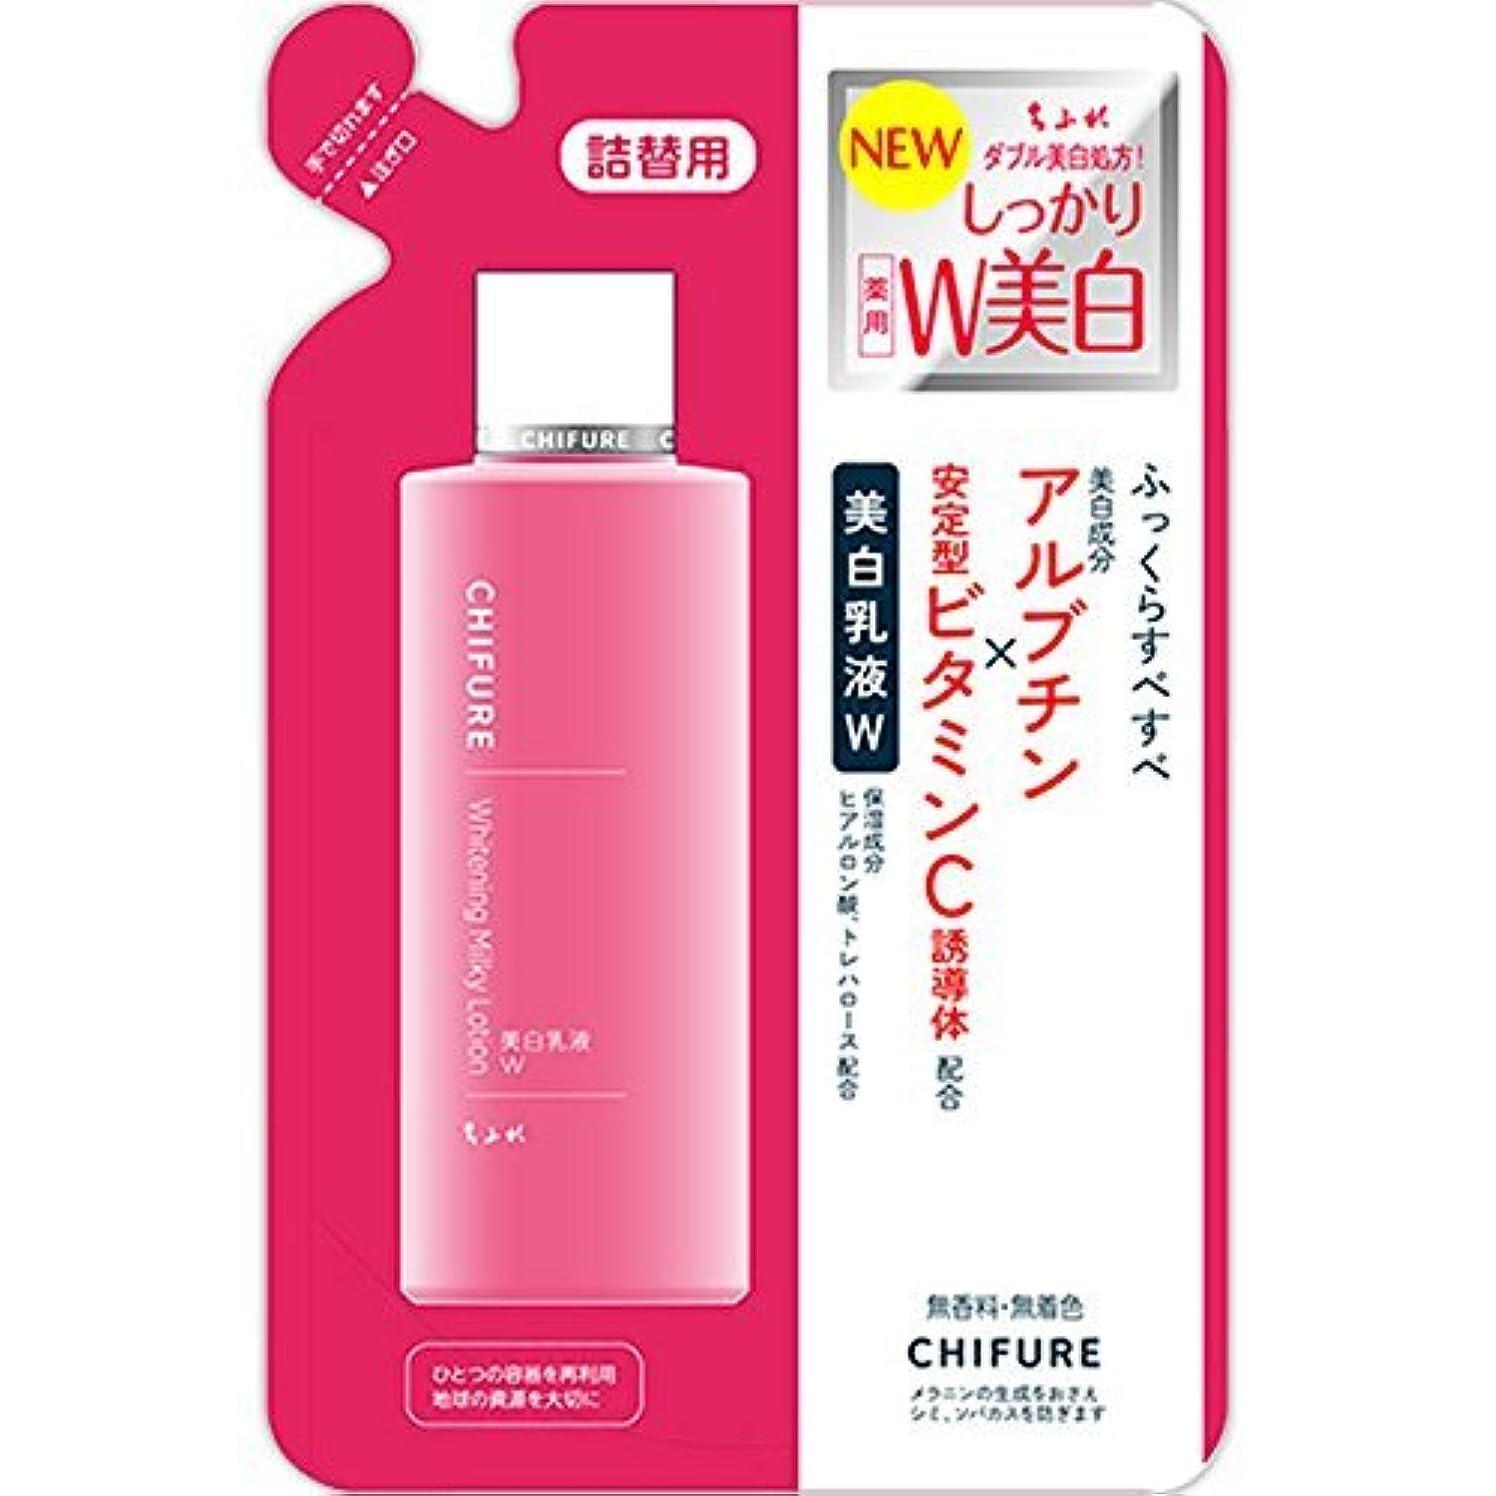 ゴシップ落胆させるダーツちふれ化粧品 美白乳液 W 詰替 150ML (医薬部外品)